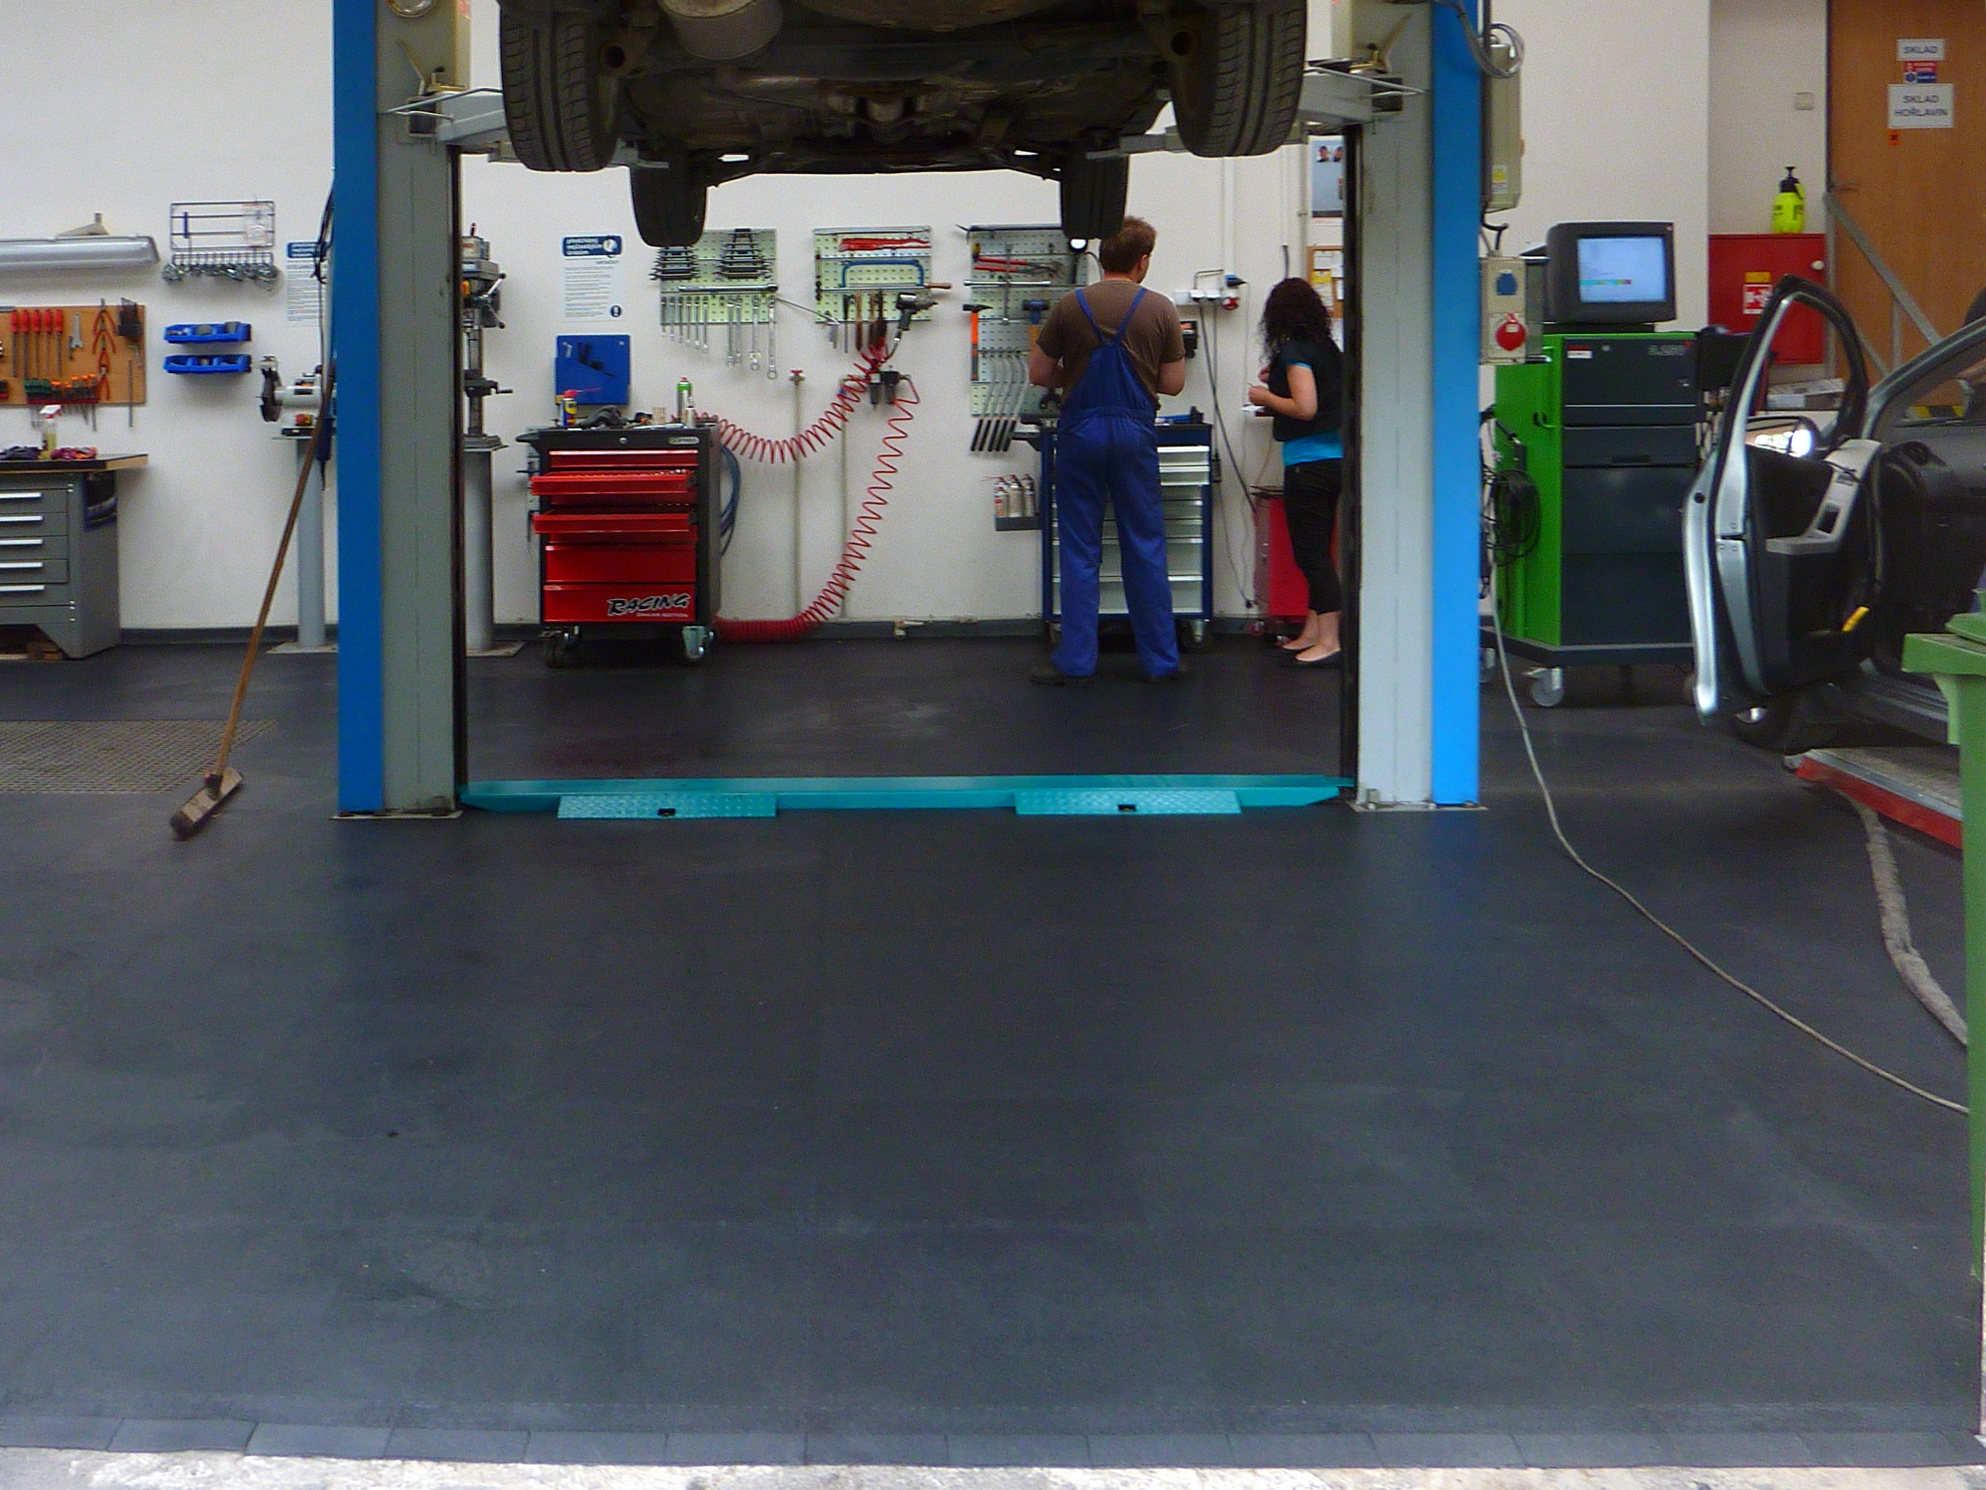 Fußbodenbelag Werkstatt ~ Fußbodenbelag werkstatt welchen bodenbelag für die werkstatt